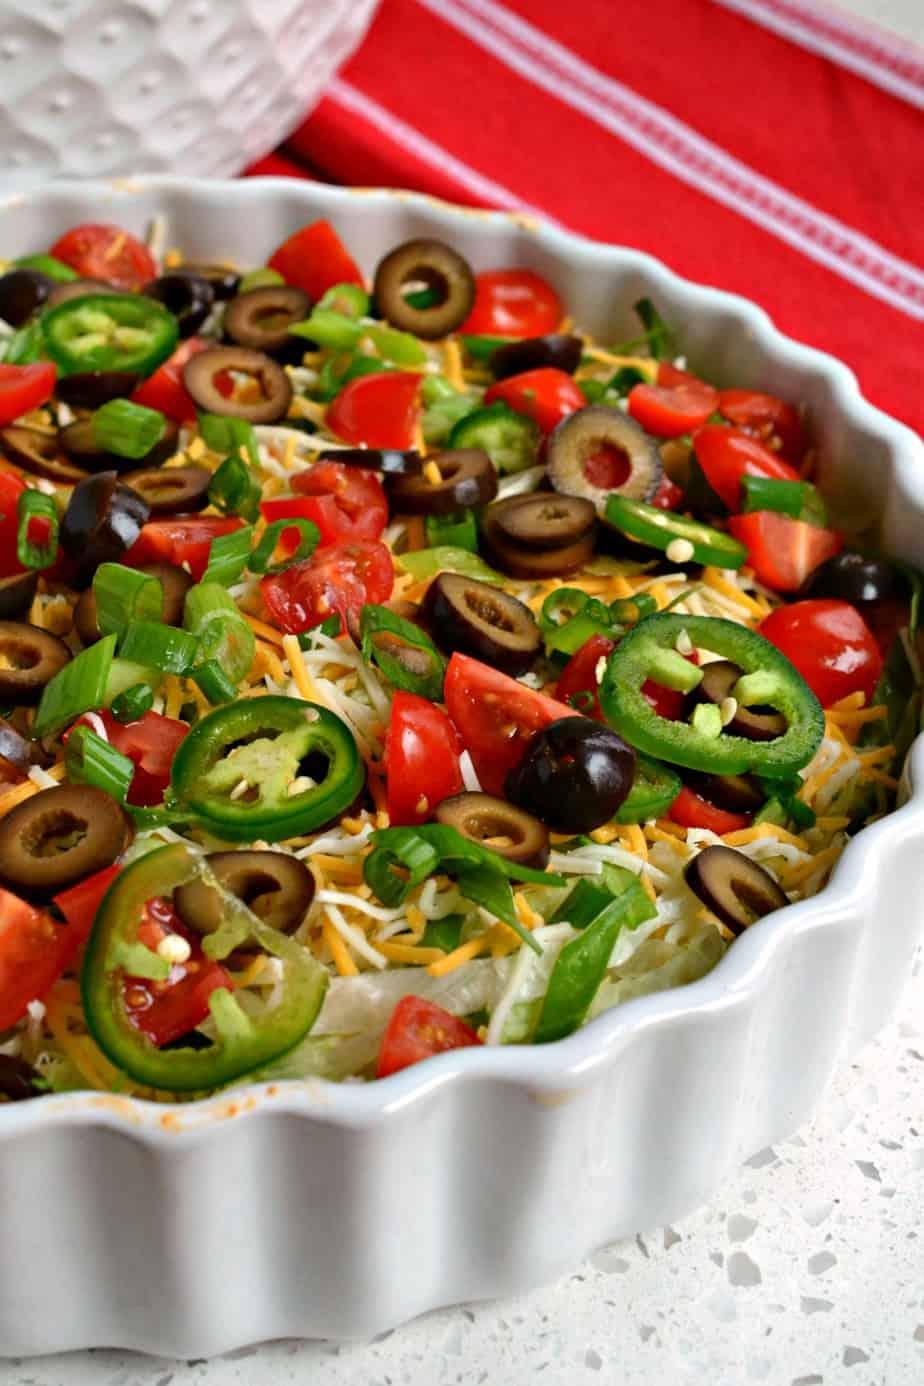 Für eine kohlenhydratarme Option servieren Sie diesen Taco Dip mit Selleriestangen, Karottenstangen oder Gurkenrunden.